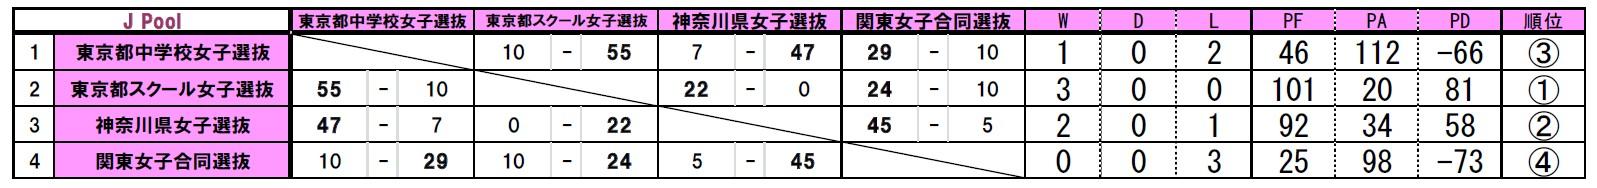 20160314-02.jpg